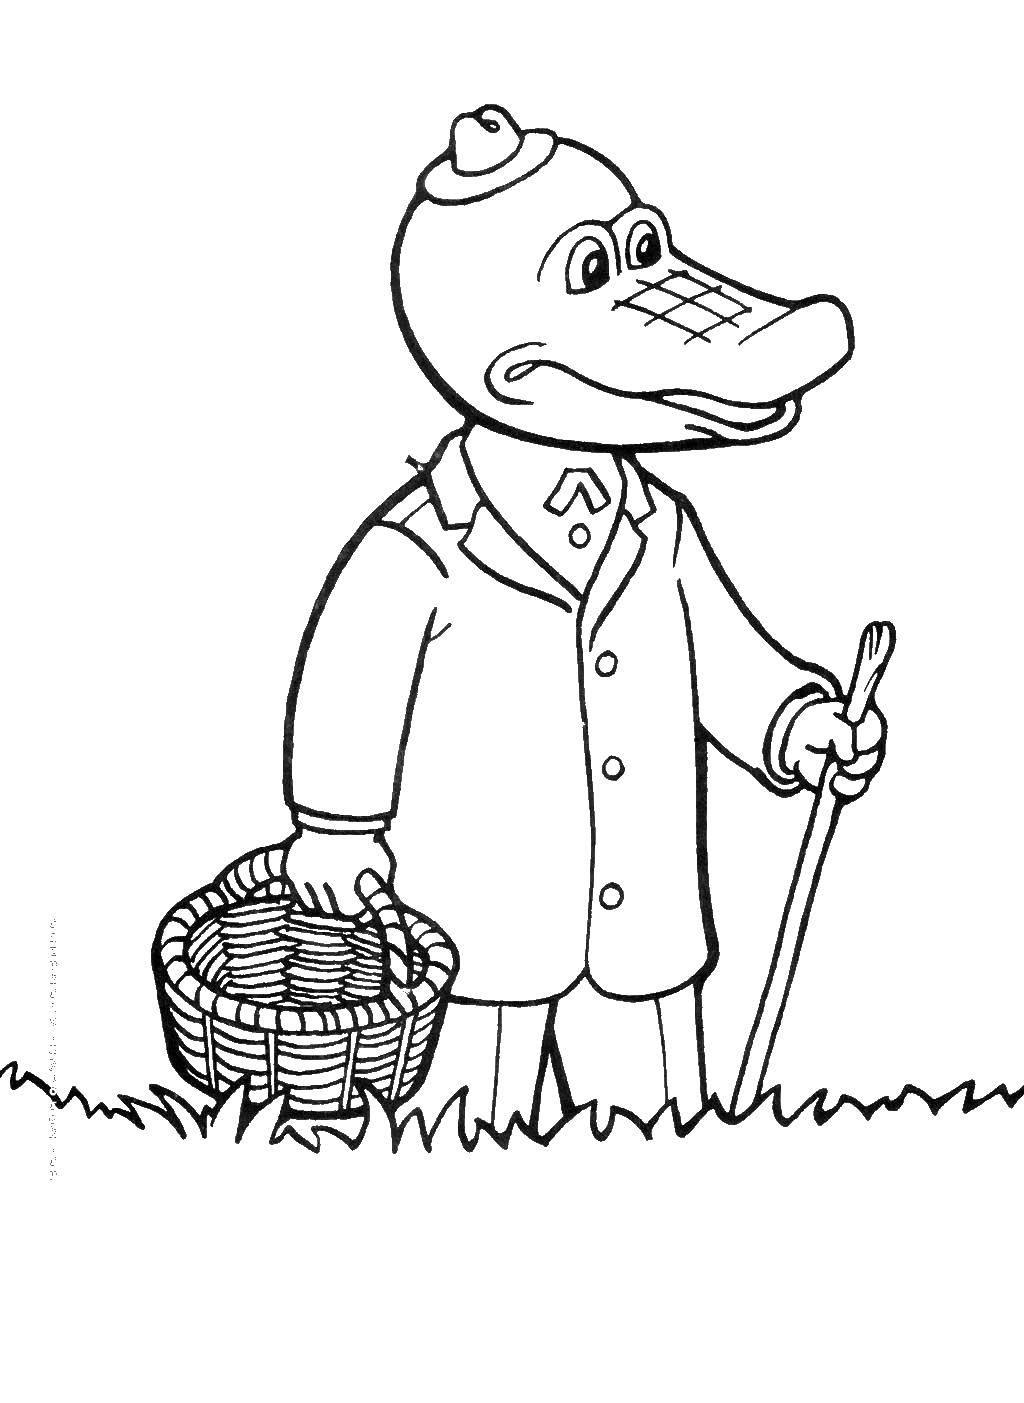 Картинки как нарисовать крокодила гену